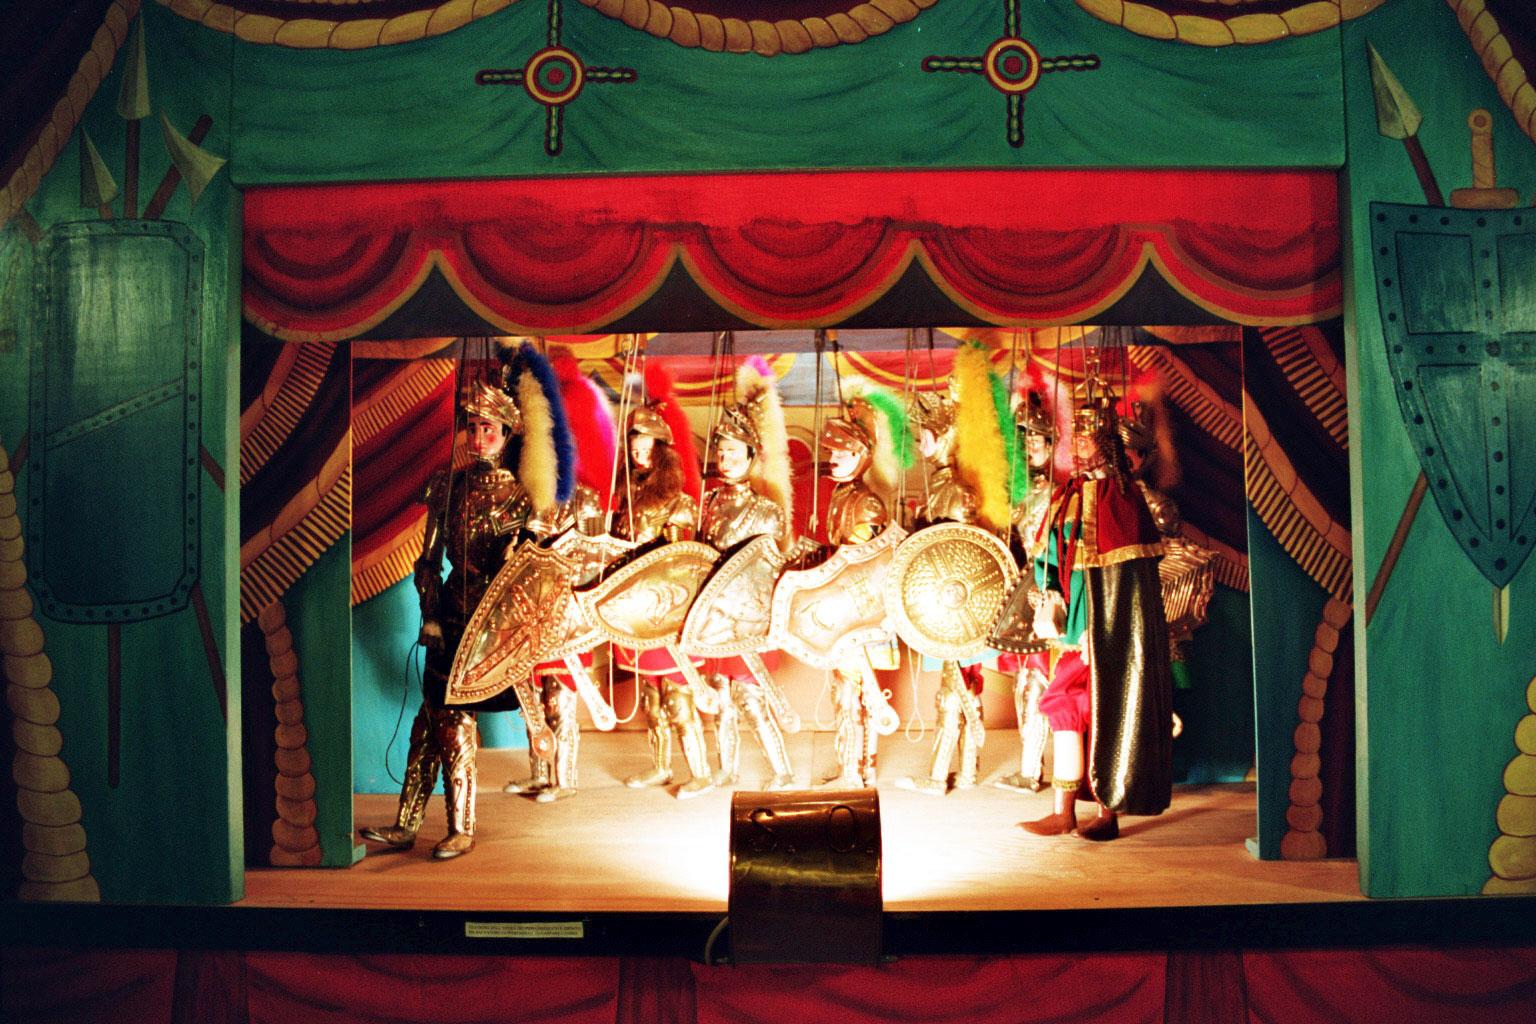 Opera dei Pupi, Sicilian puppet theatre